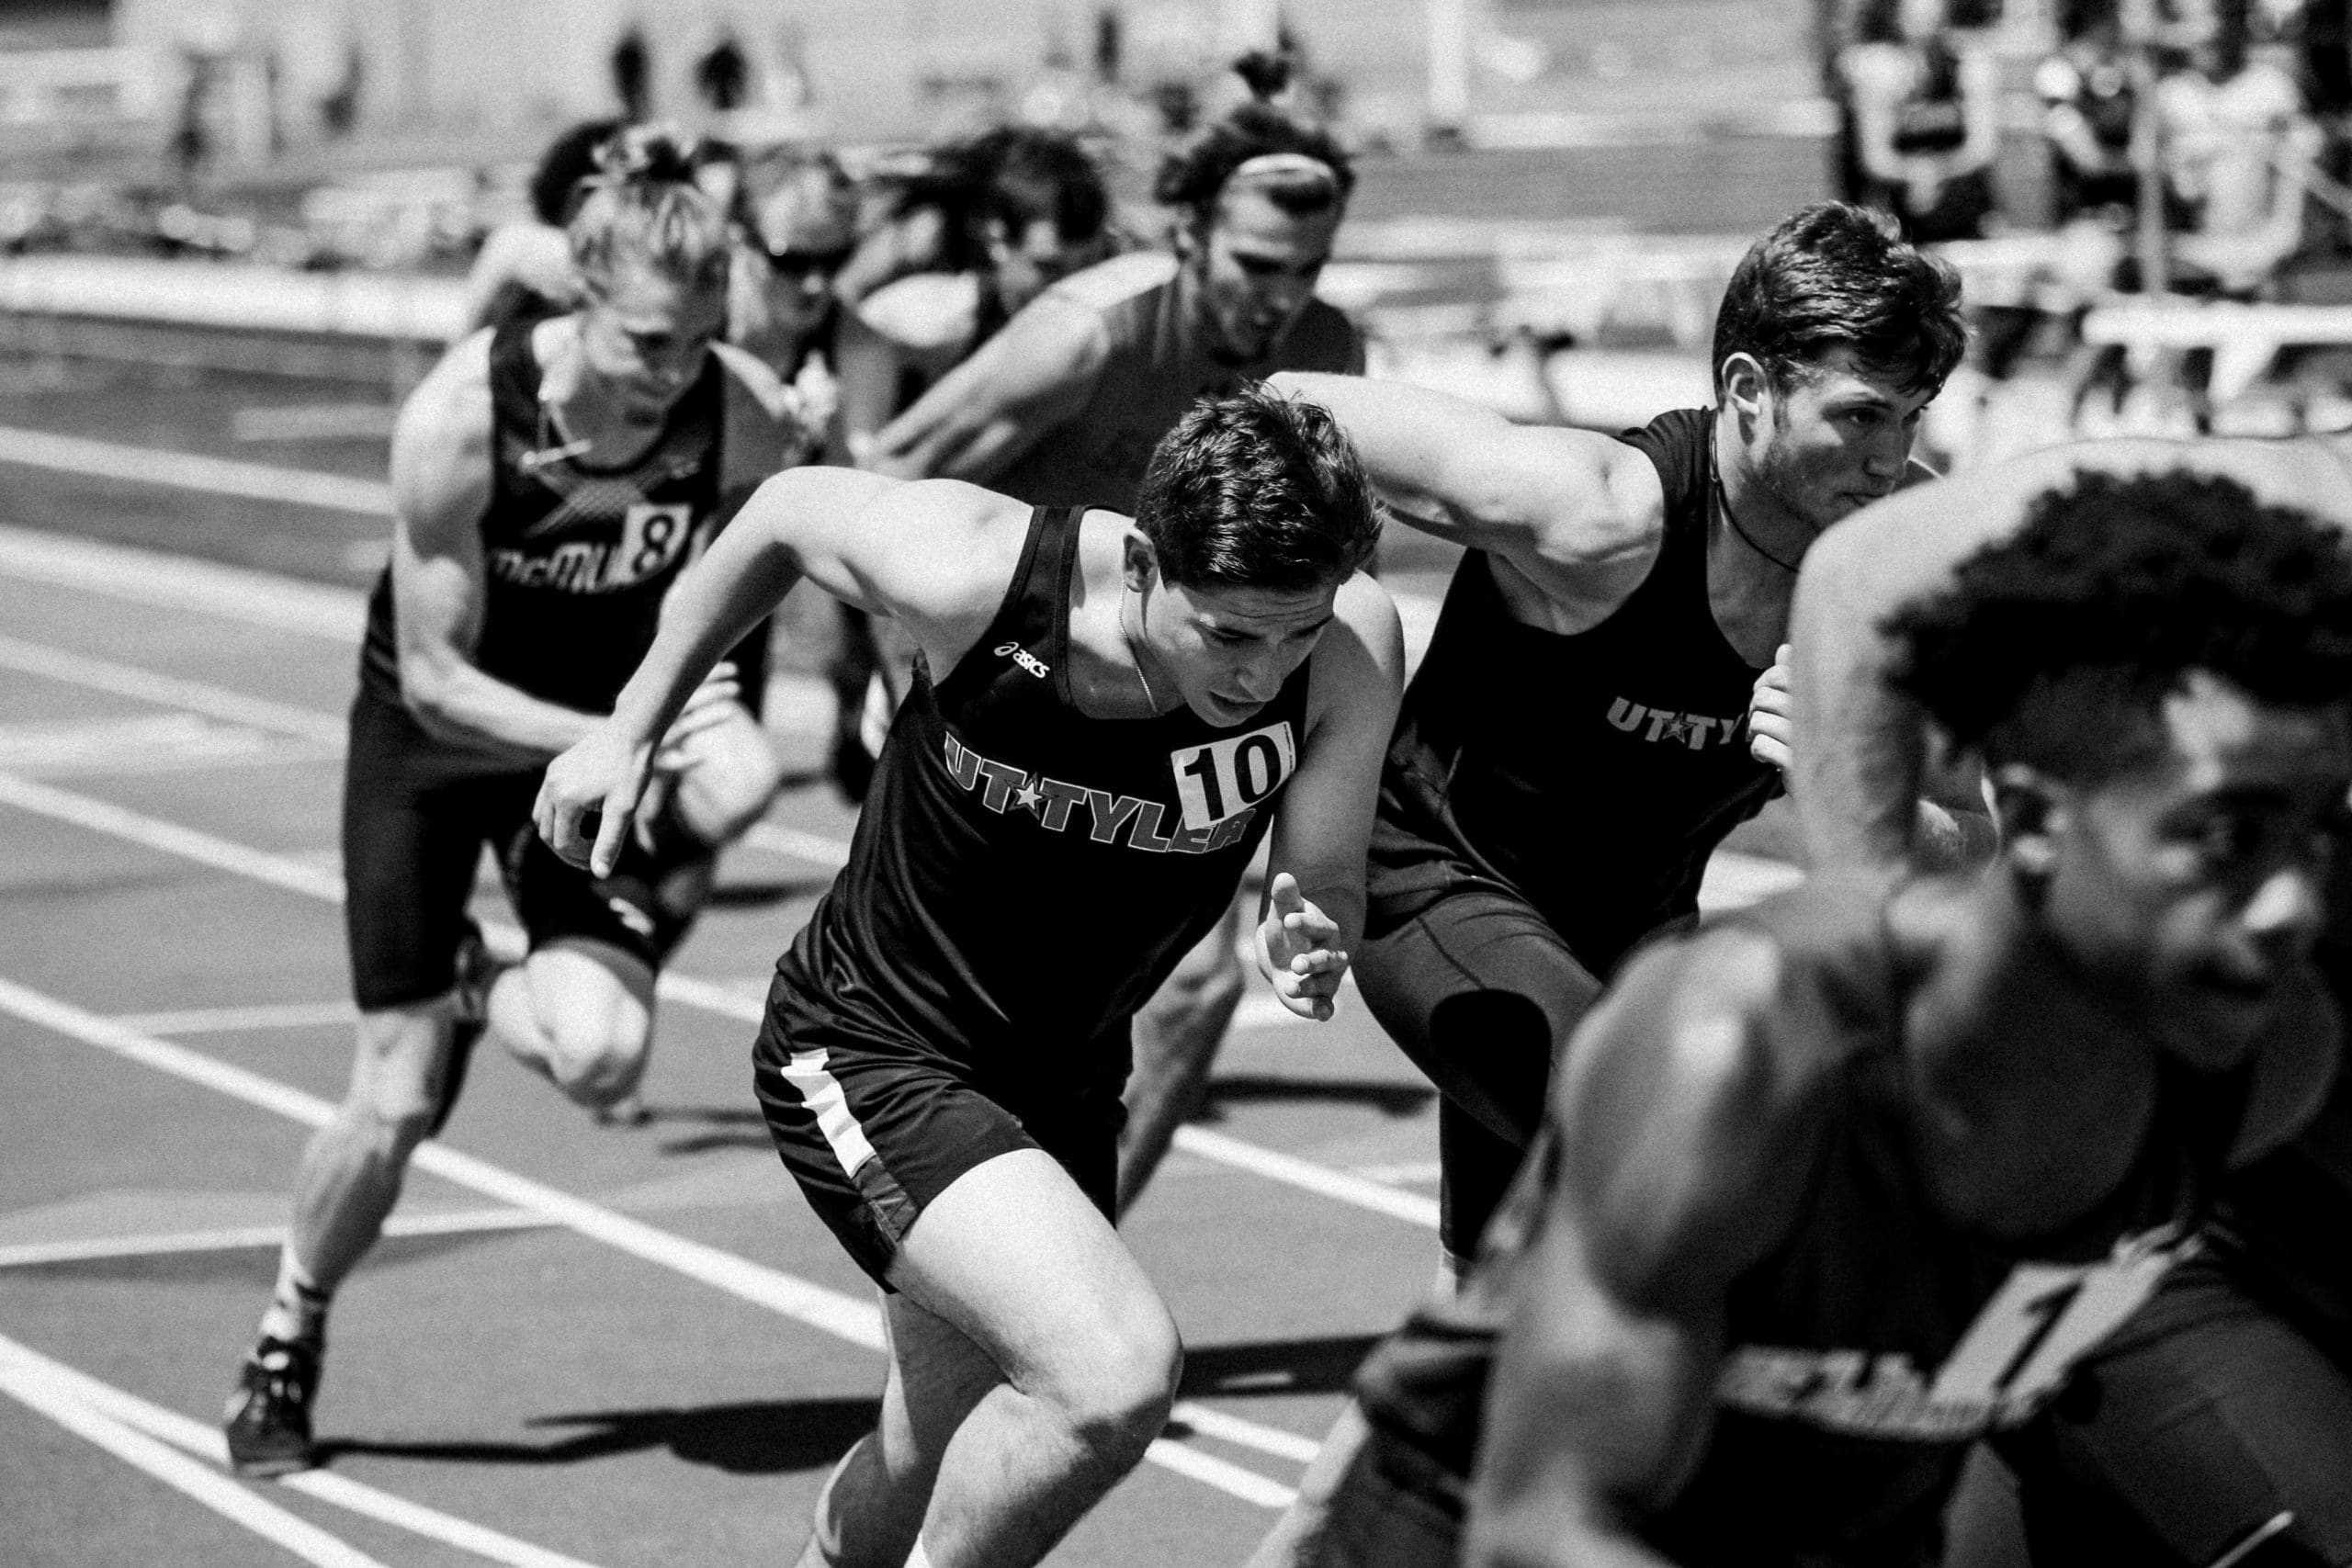 Desempenho e Performance. Como analisar?